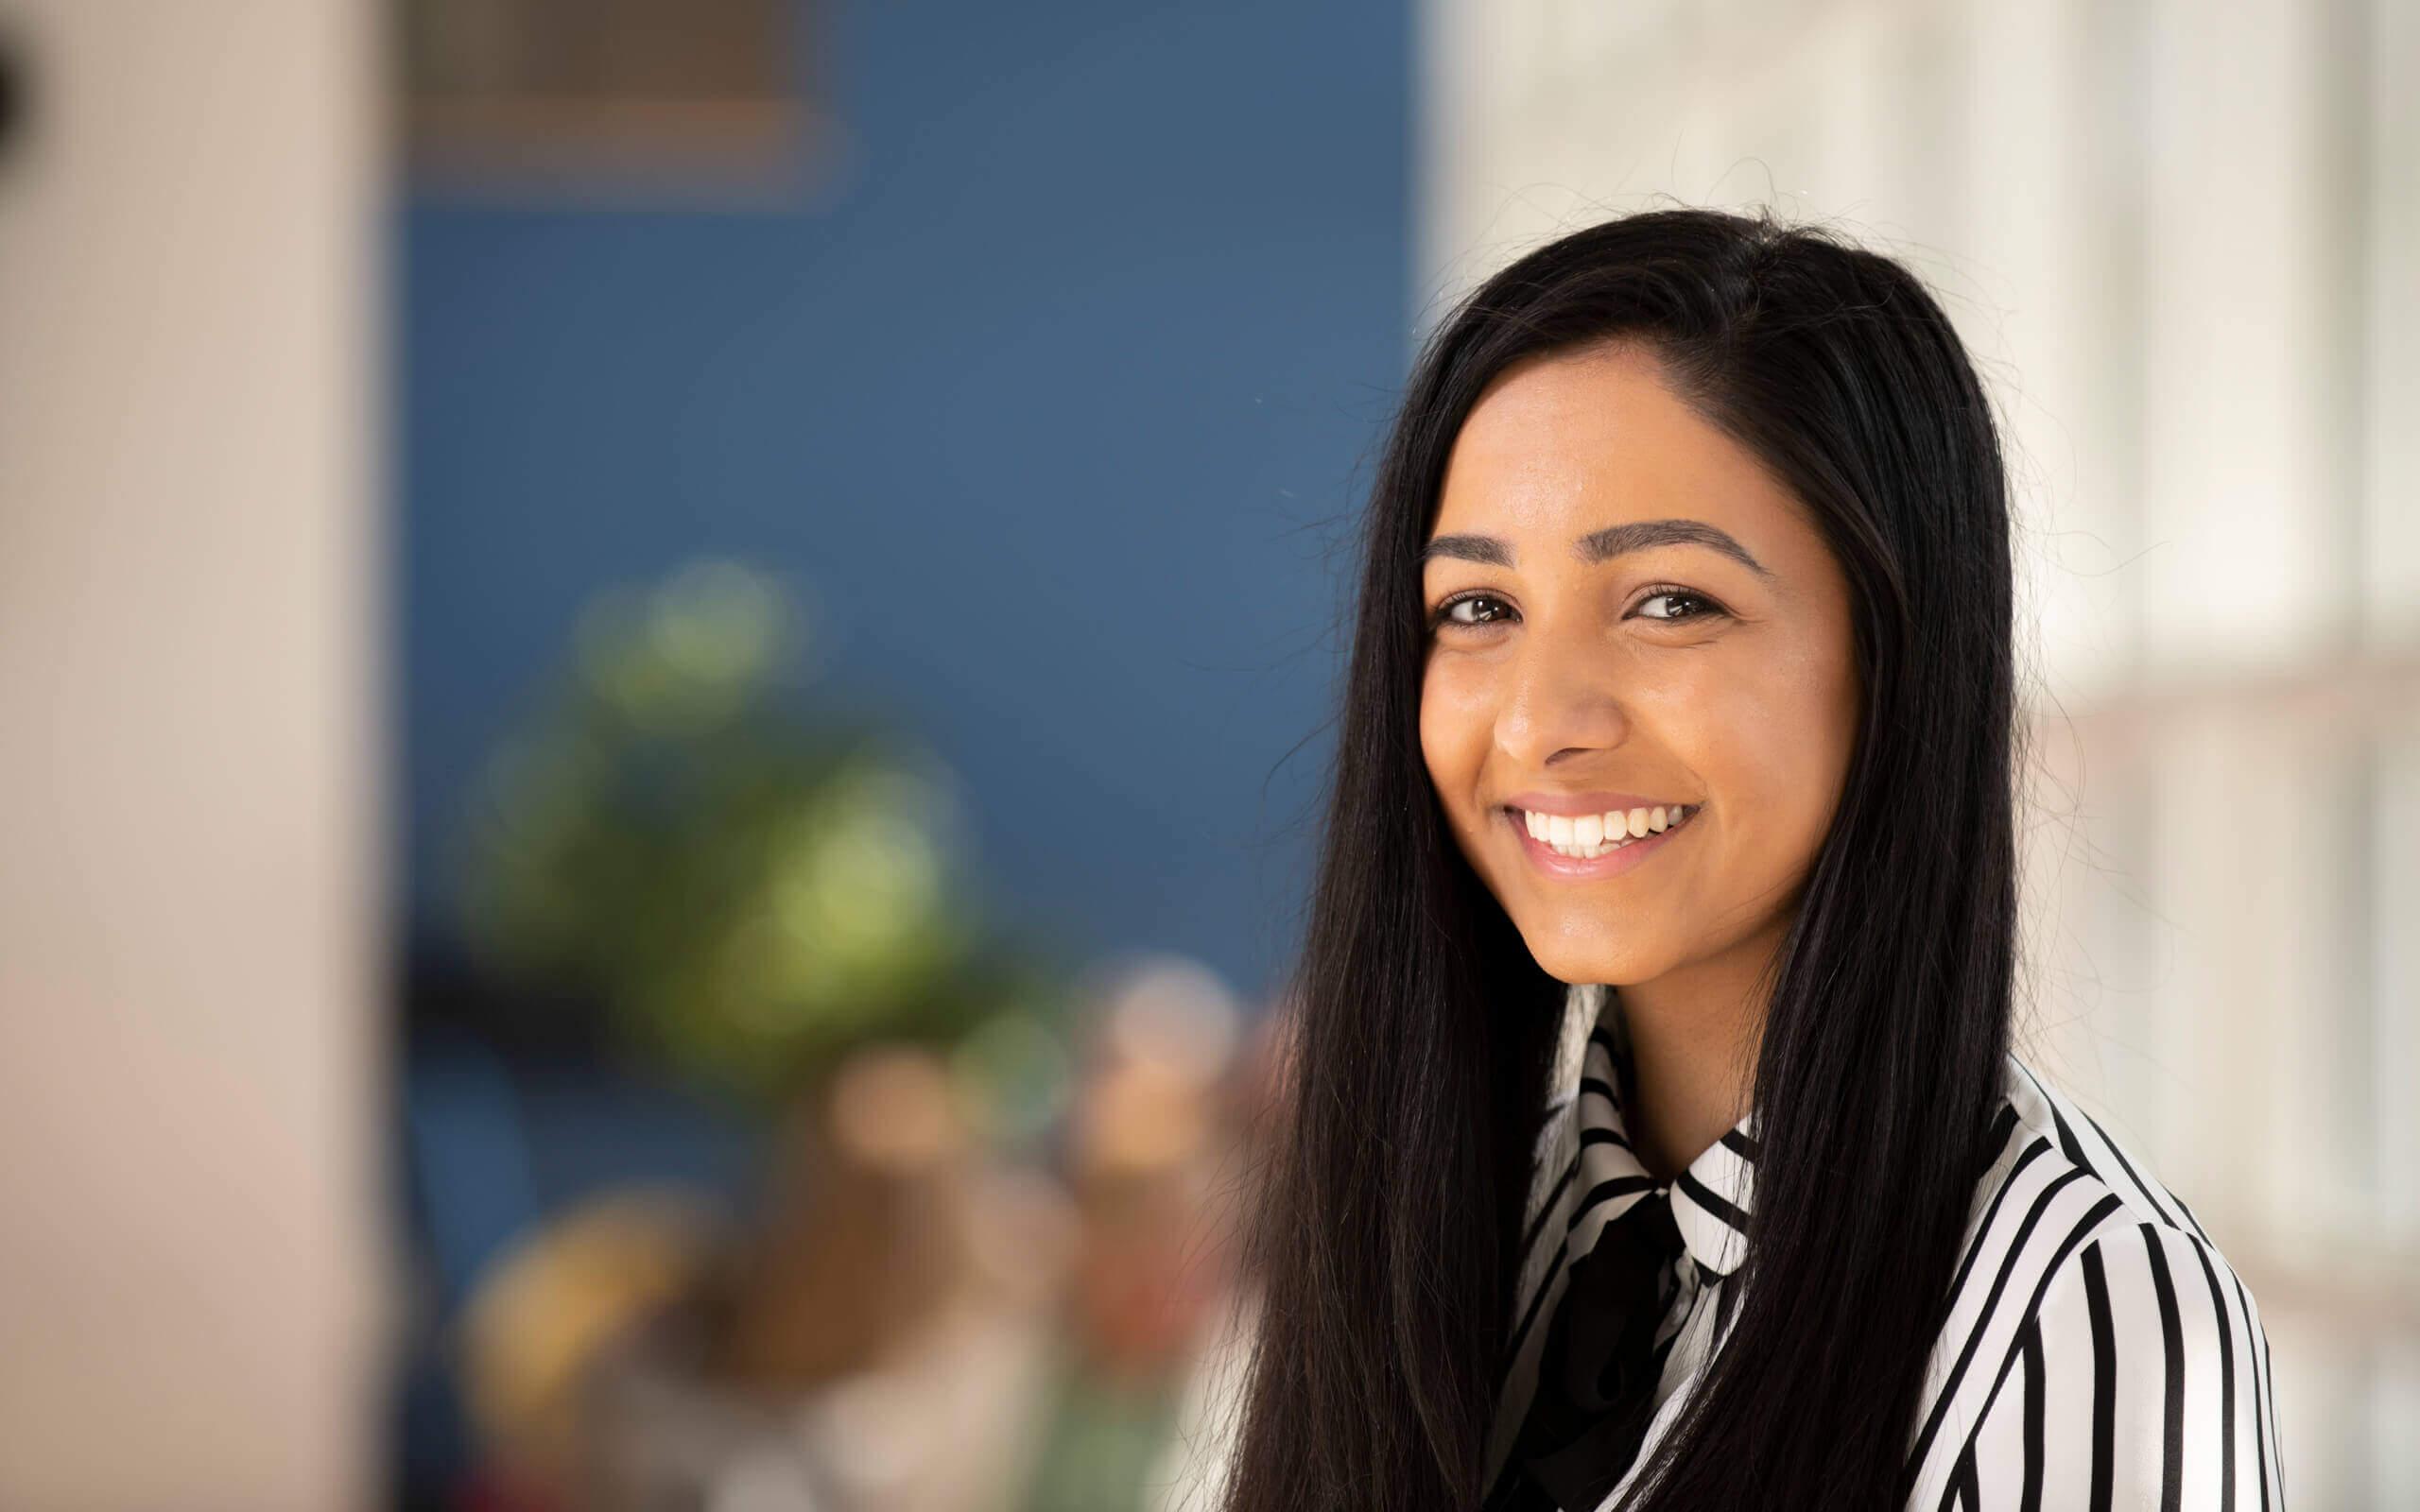 Image of Preeya Kaur